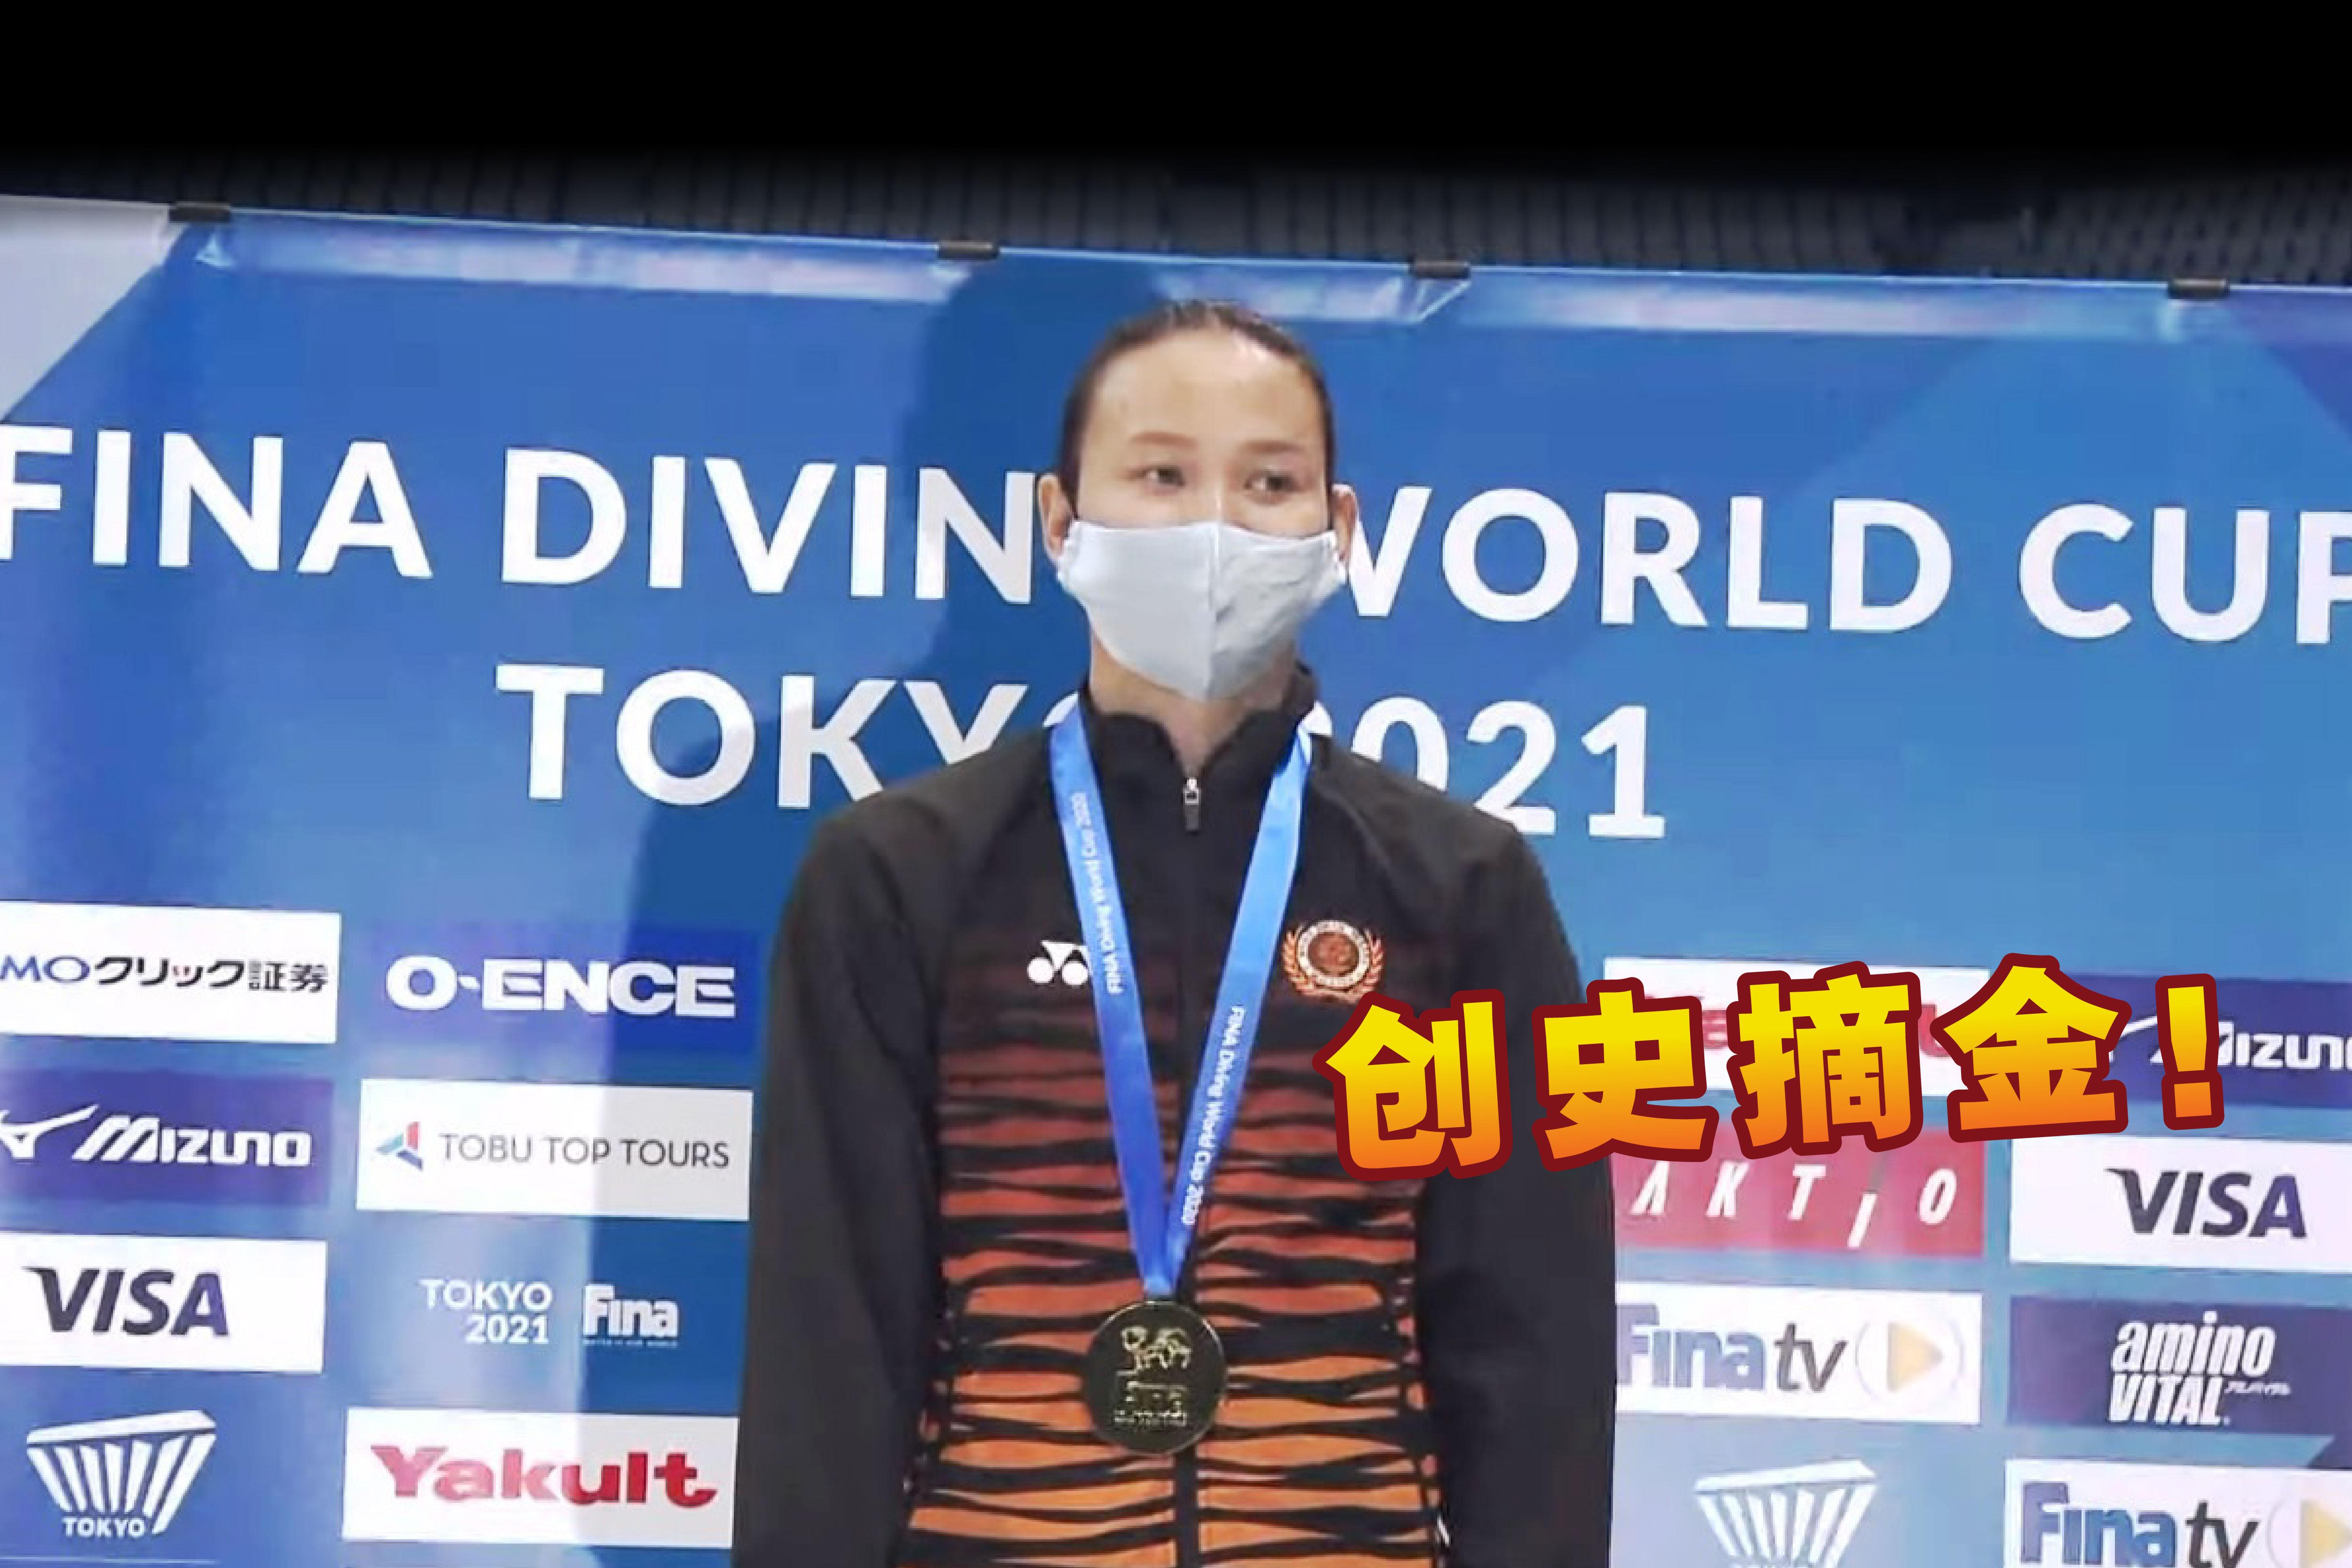 潘德蕾拉在日本东京跳水世杯赛,在女子十米跳台决赛中,摘下我国史上首枚金牌。-FINA直播截屏/精彩大马制图-